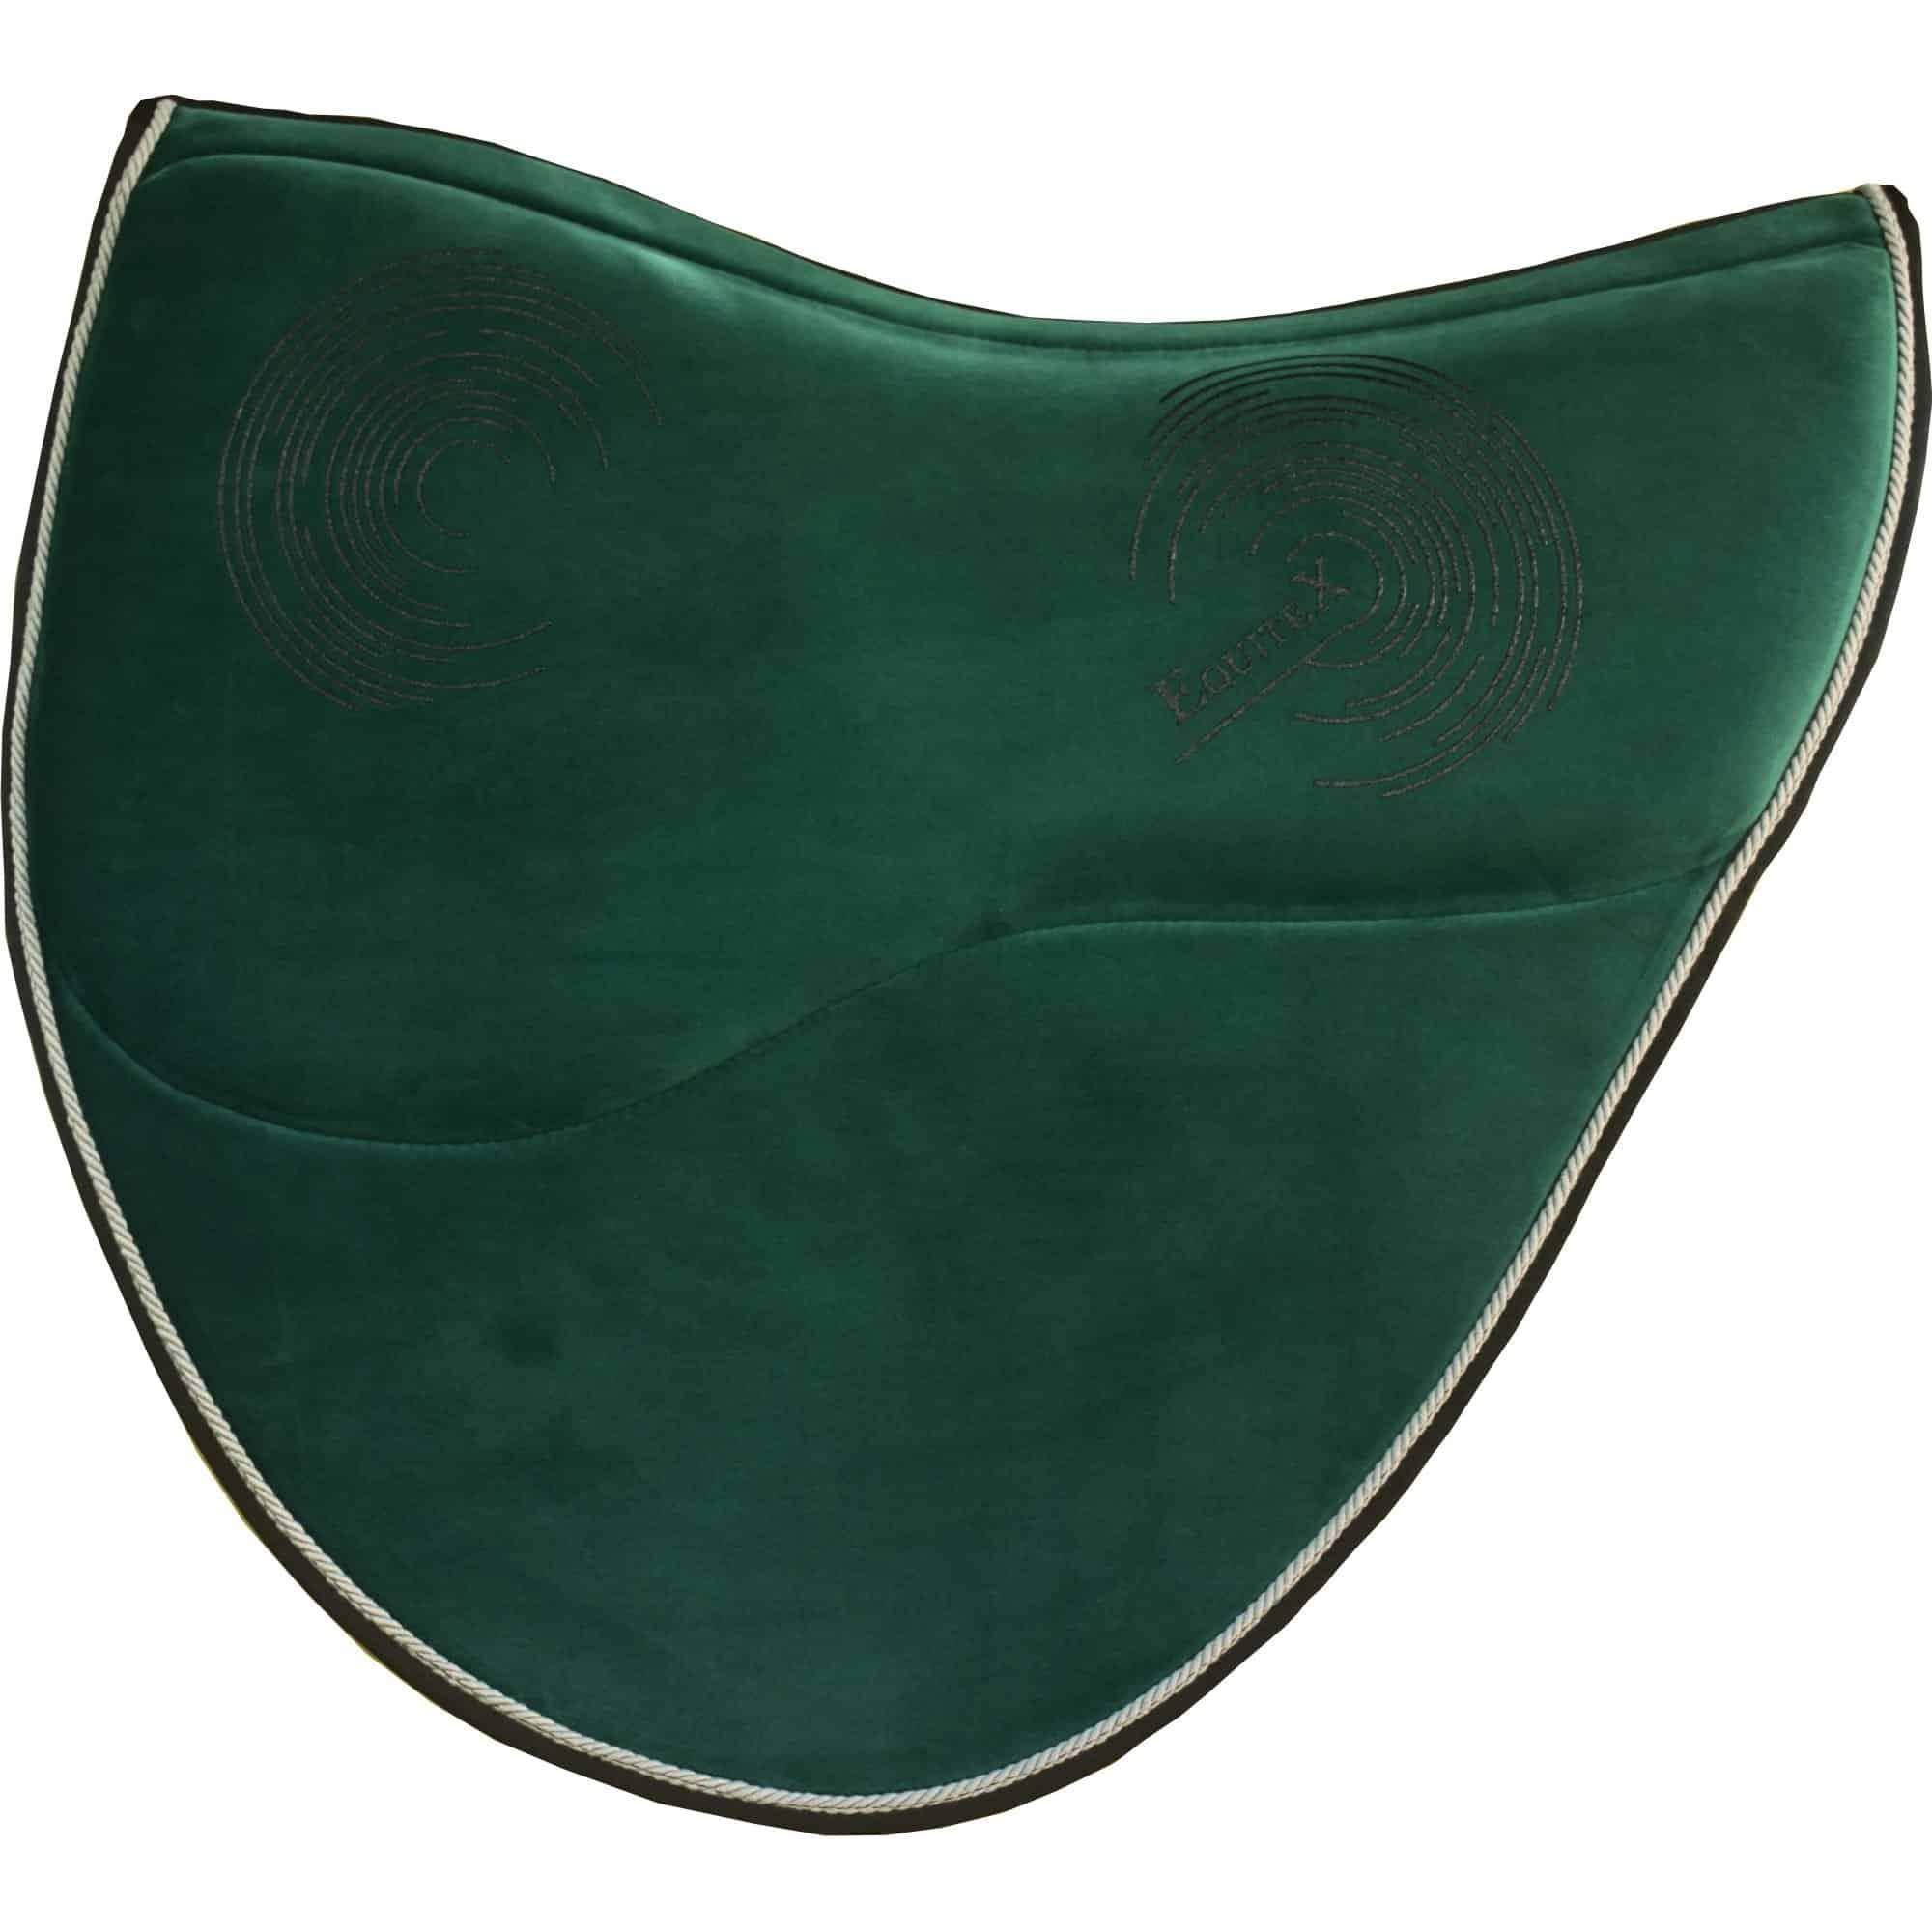 Saddle pads for treeless saddles